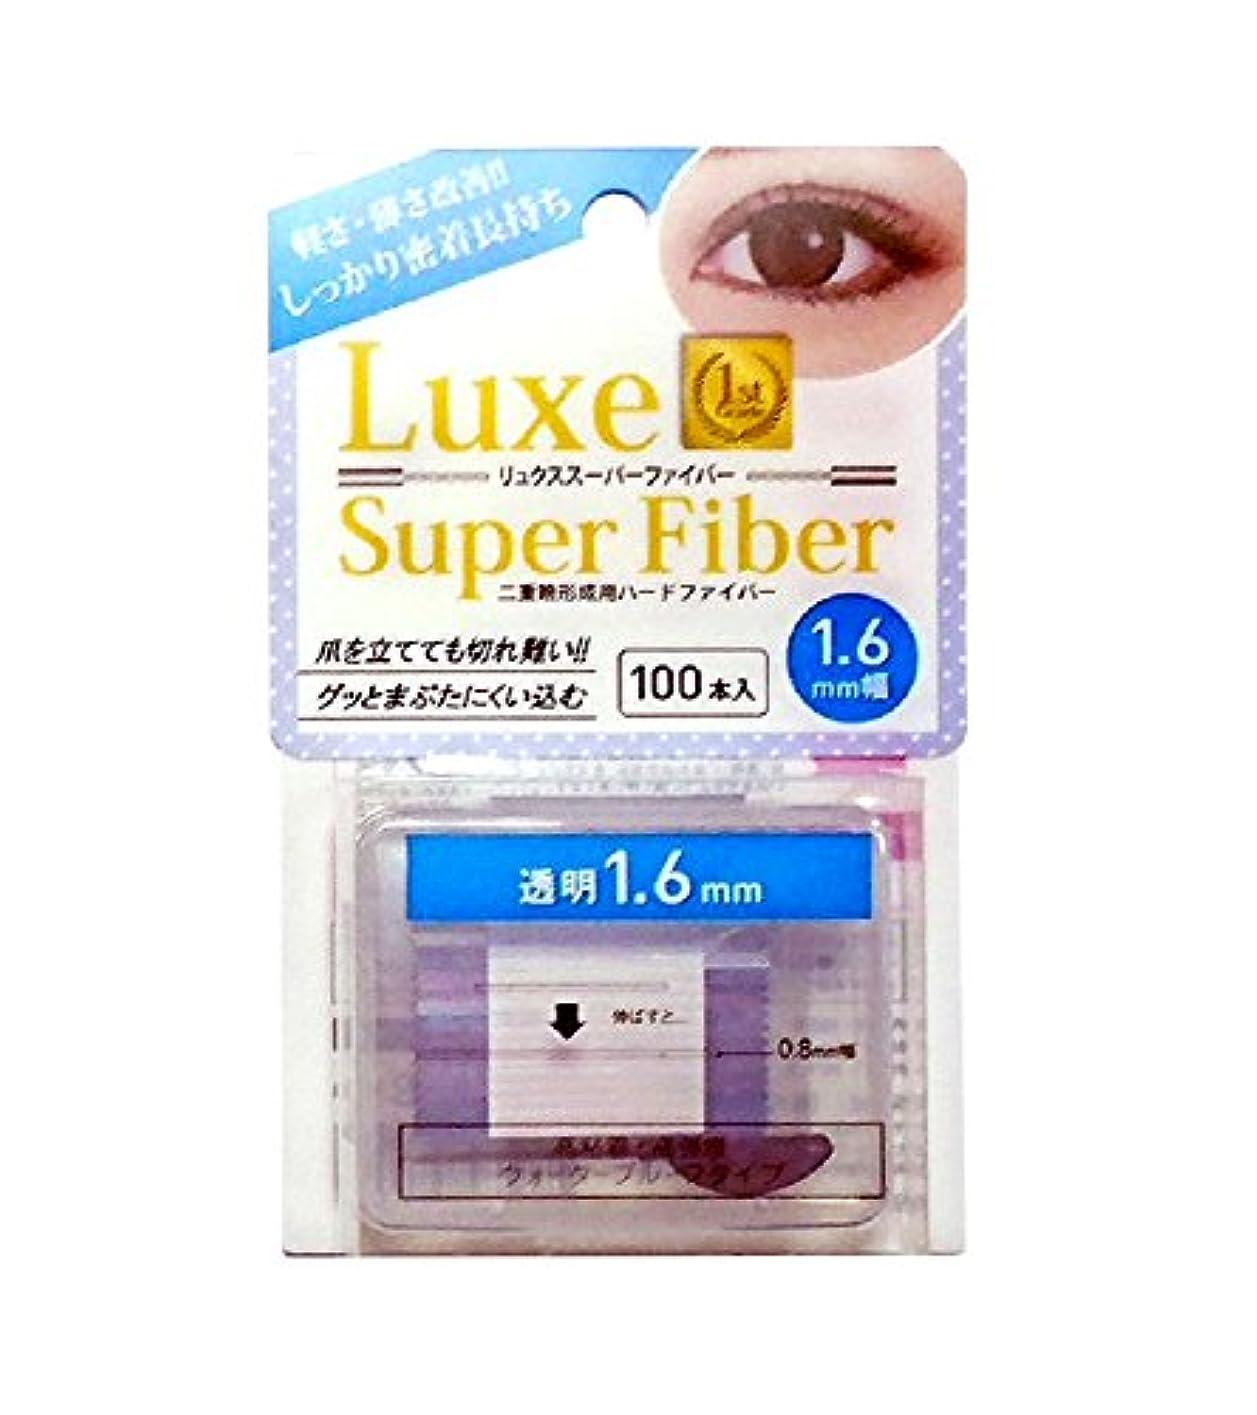 複合一部バンドルLuxe(リュクス) スーパーファイバーII 透明 クリア 1.6mm 100本入り